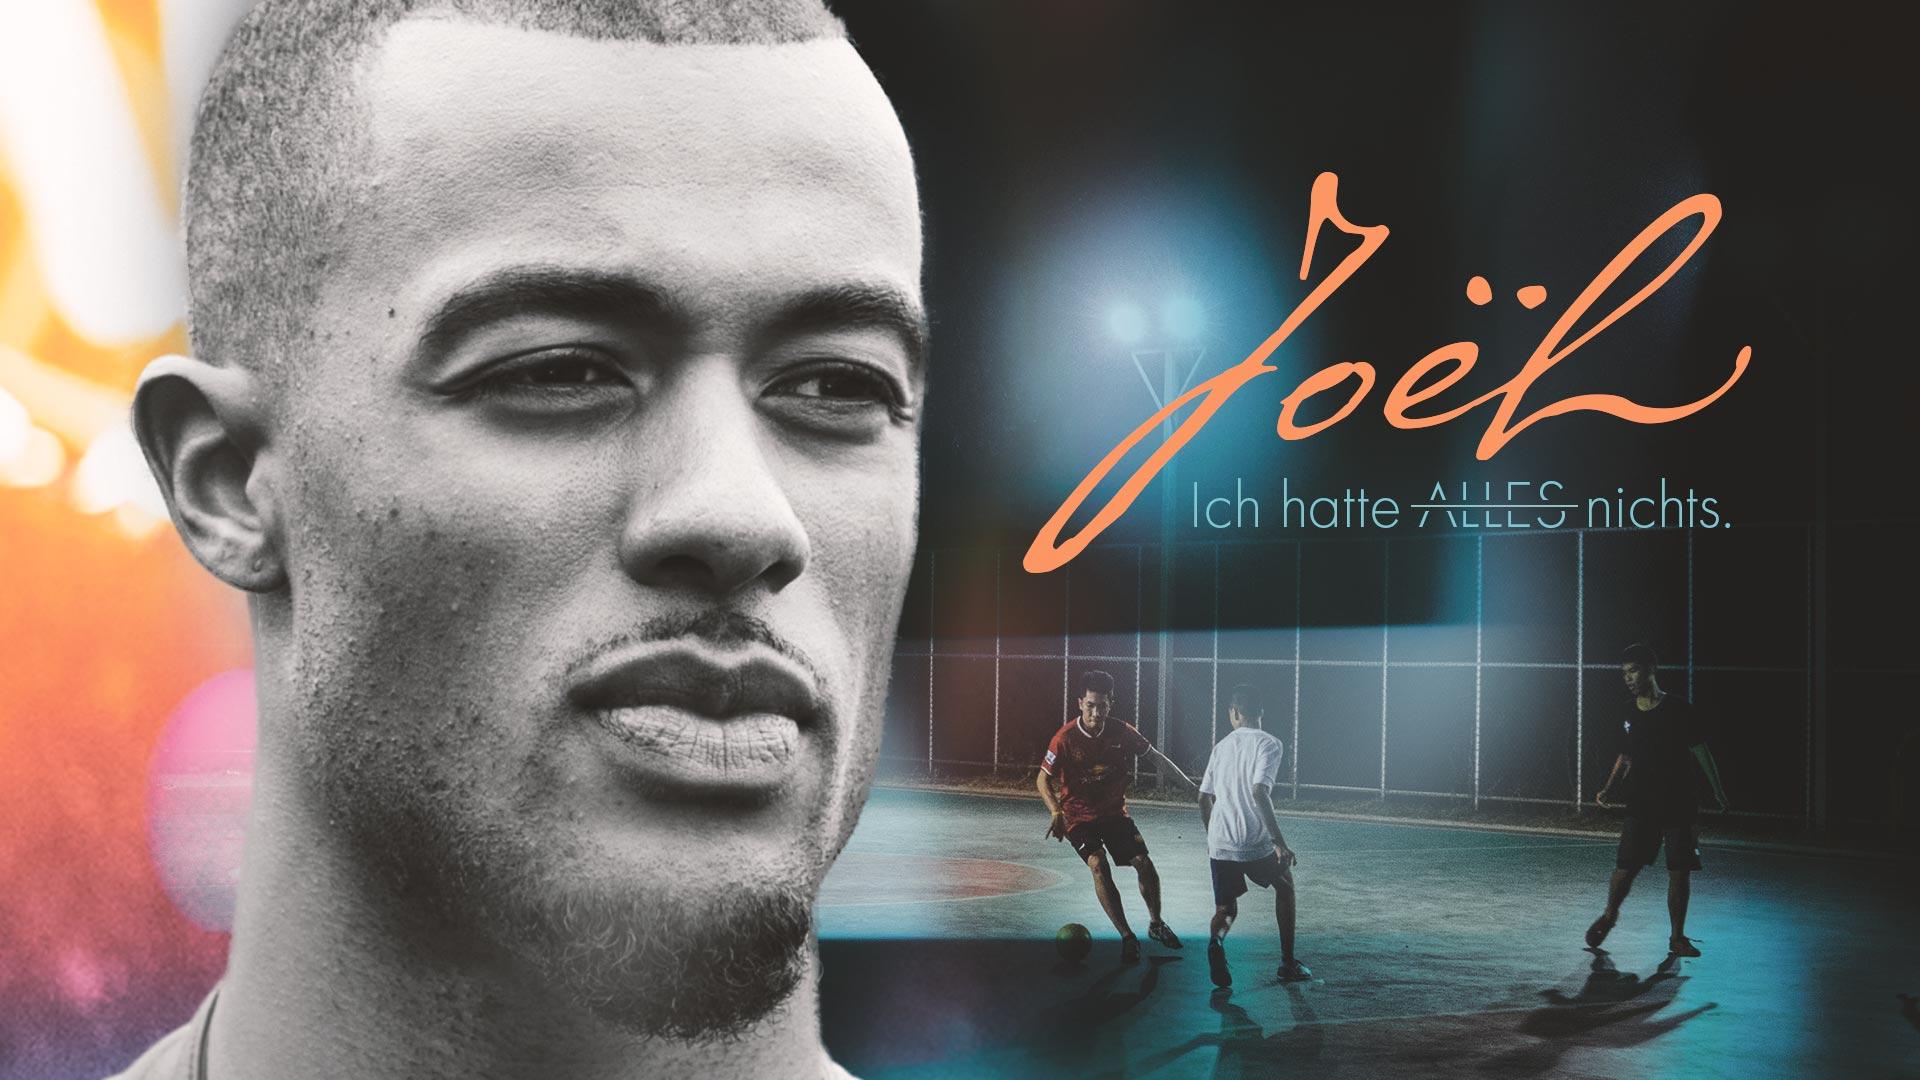 Joël Kiassumbua spielt Fußball und glaubt an Gott